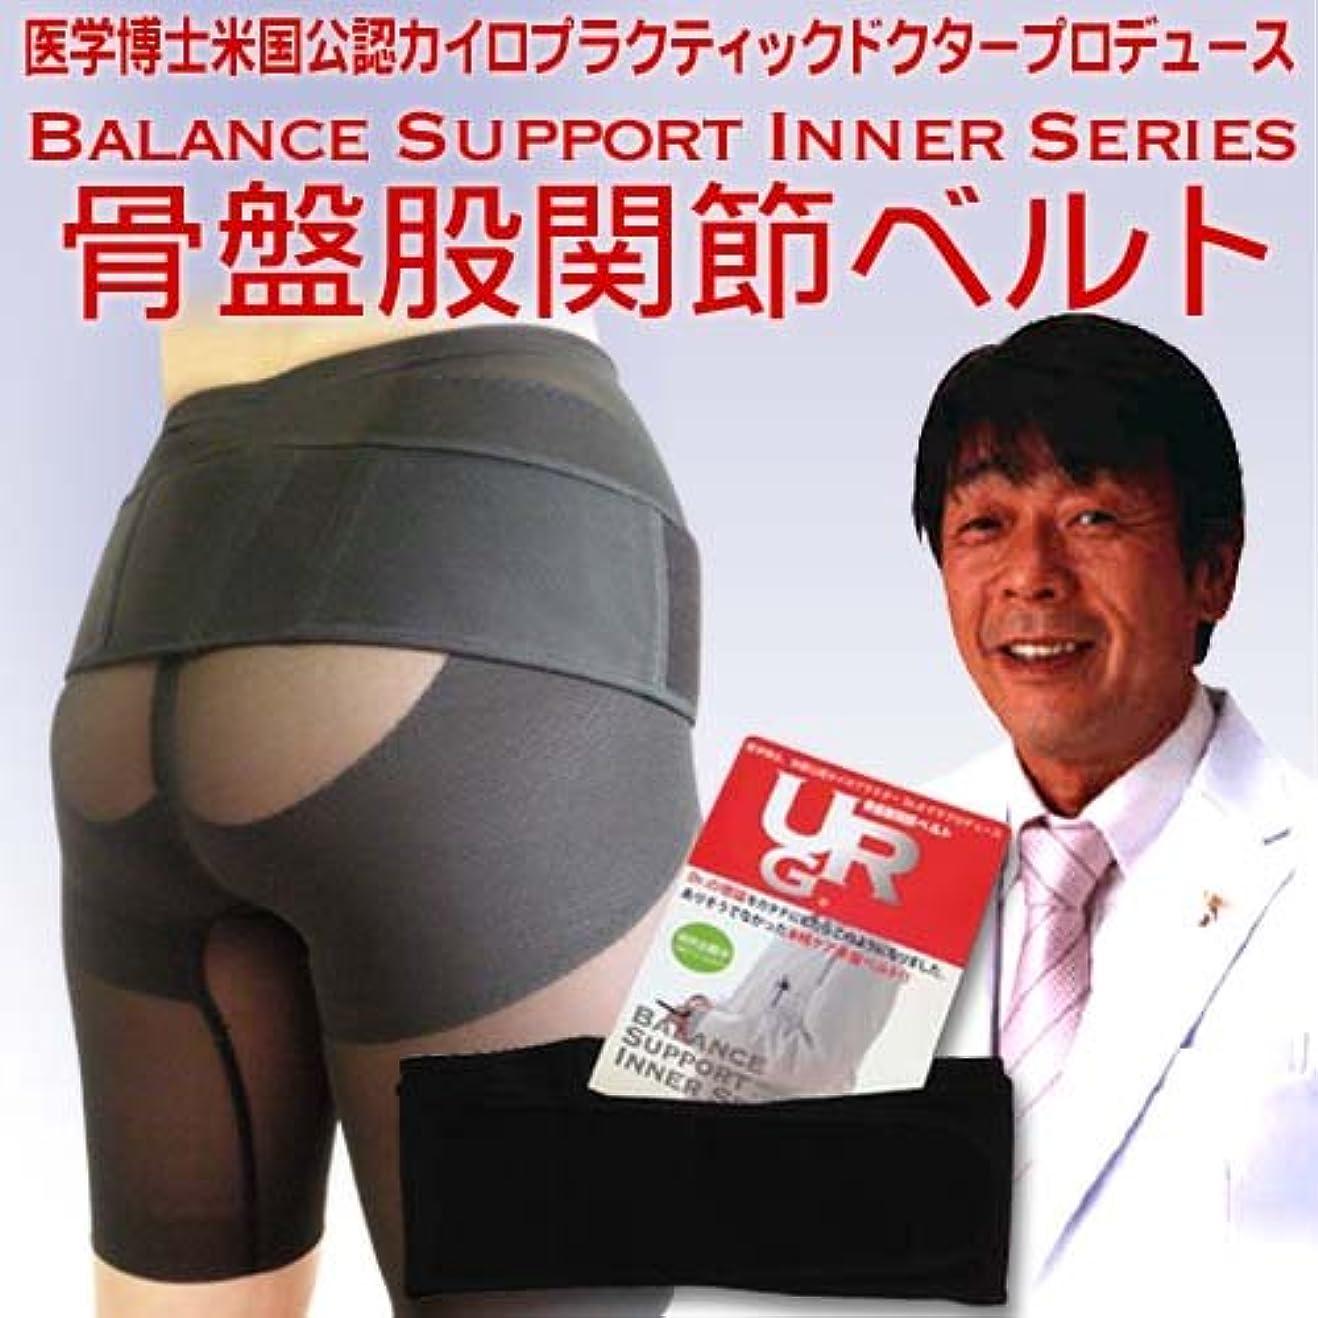 温度計かるメリーURG骨盤股関節ベルト 男女兼用?ブラック L~LLサイズ? 】?特許取得商品?医学博士プロデュース!骨盤?股関節サポートインナー